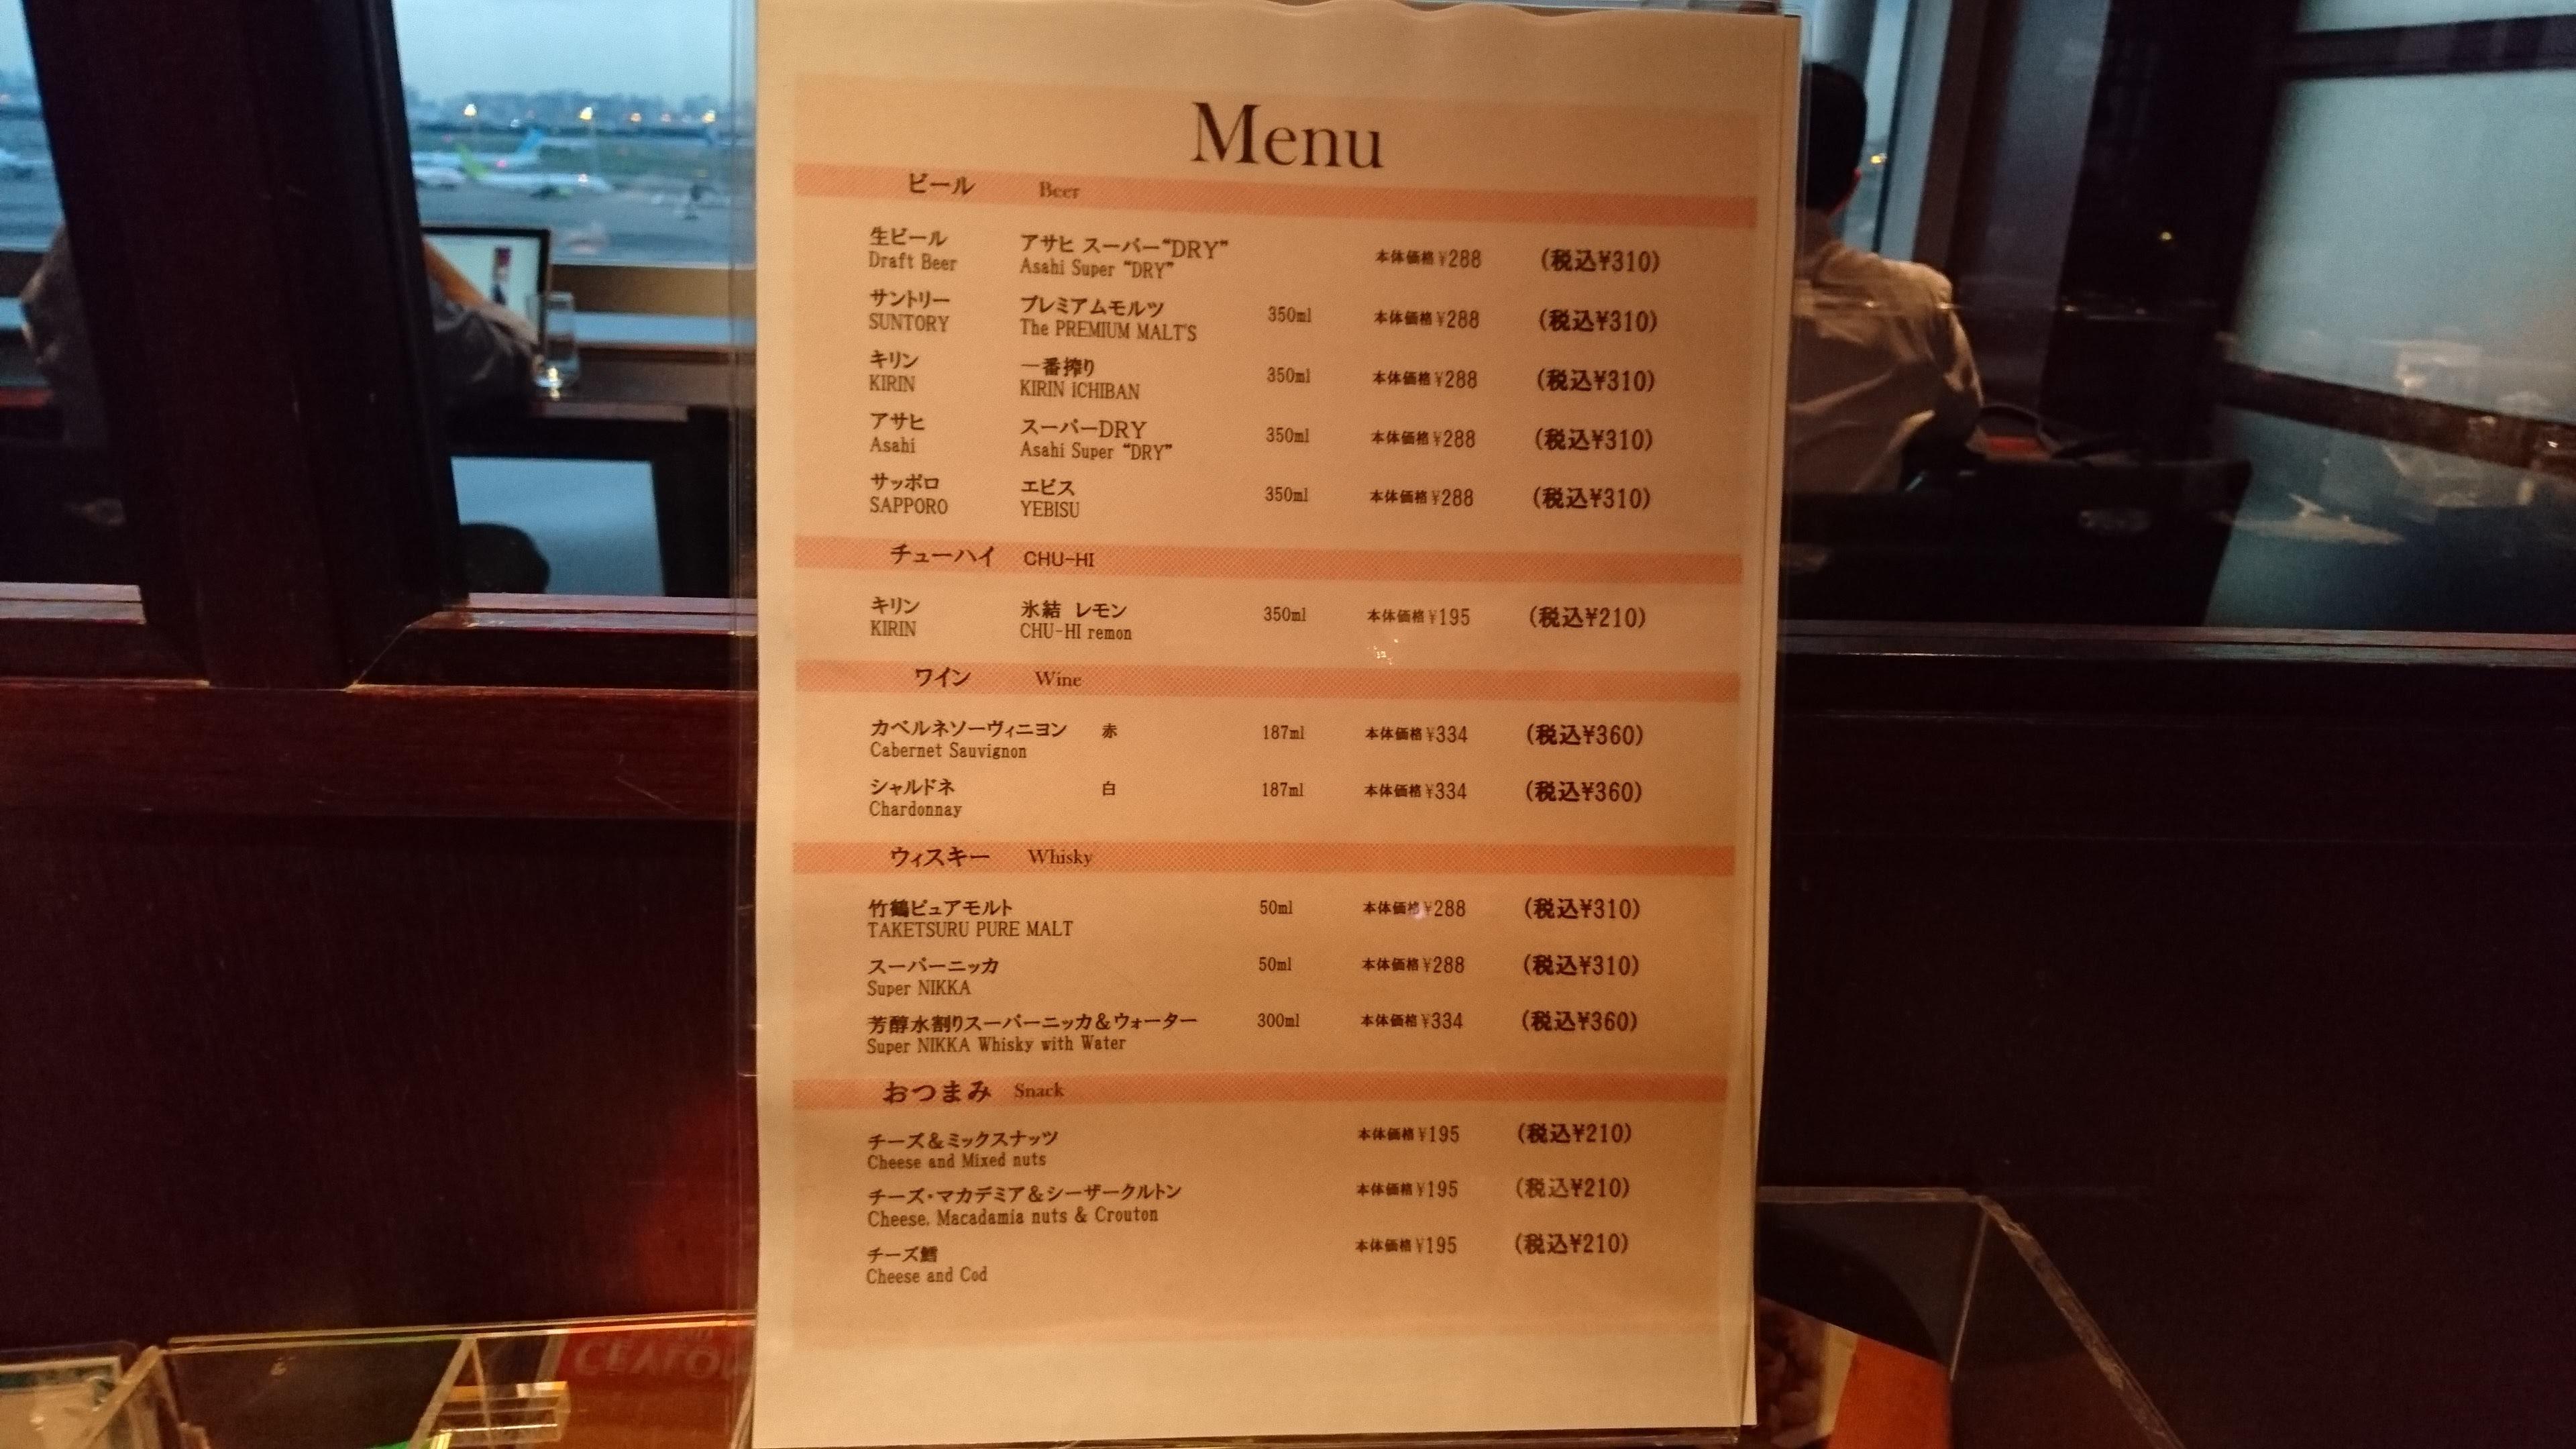 ビールは税込310円と良心的な価格設定